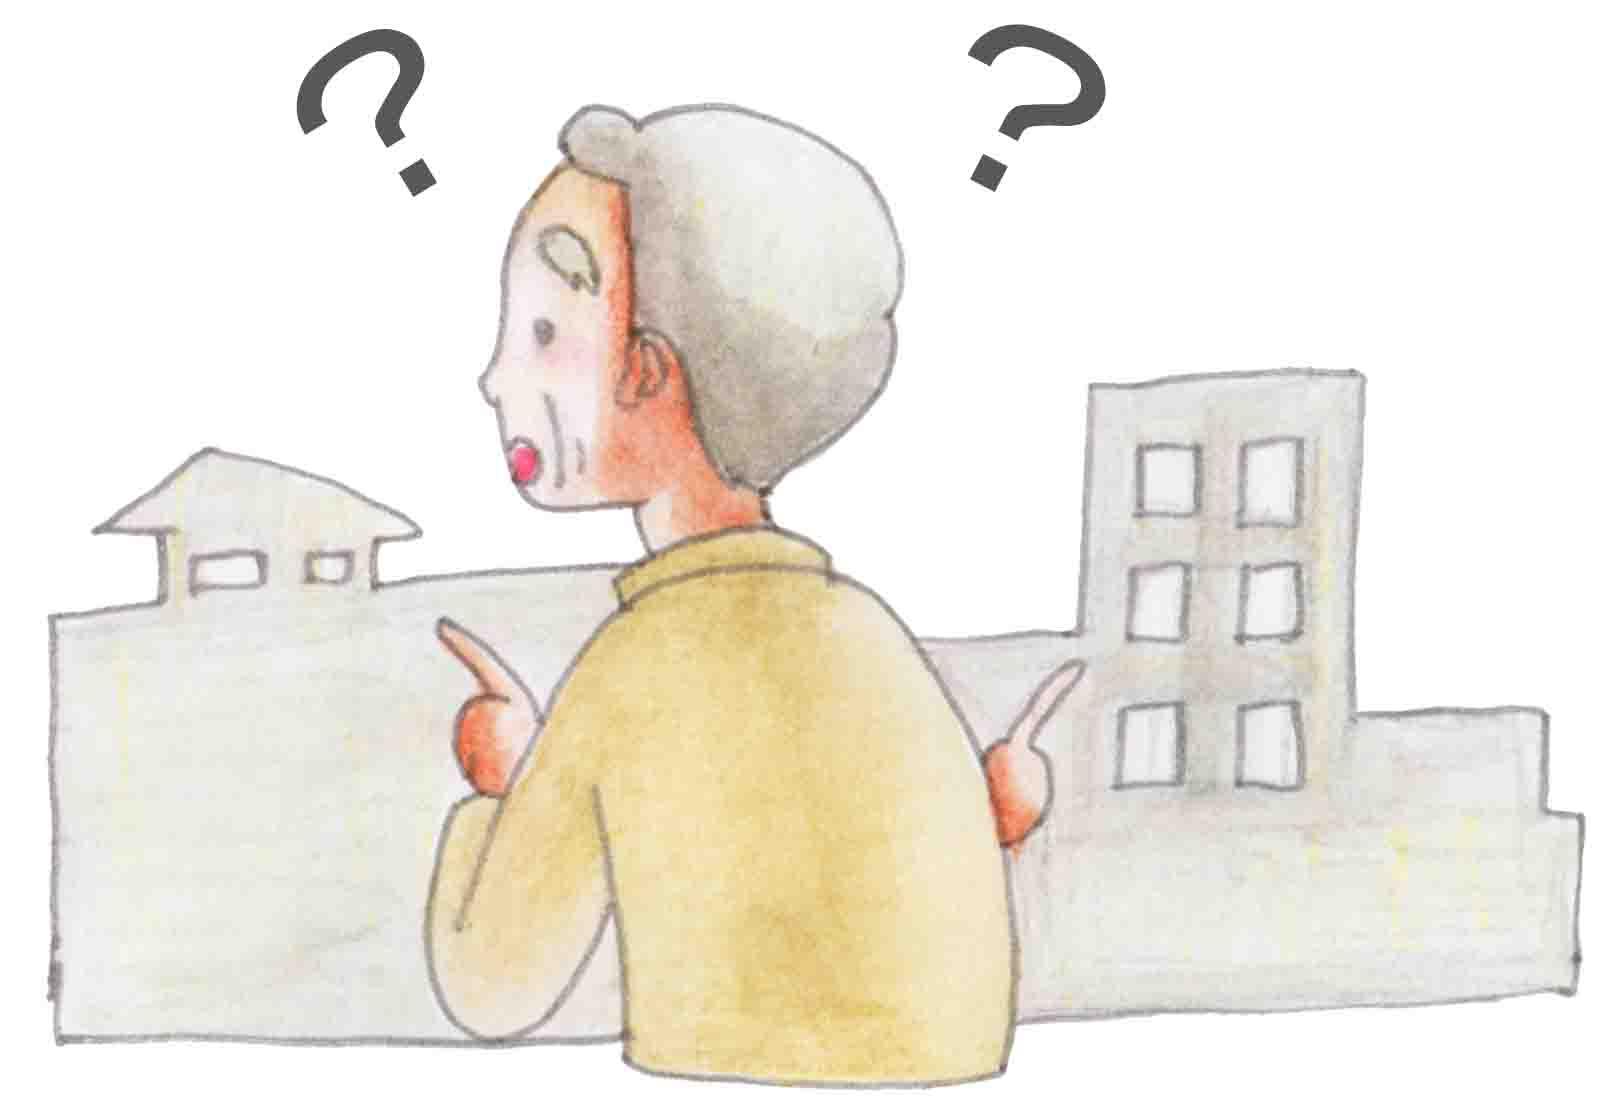 認知症の周辺症状はどのような症状なのか